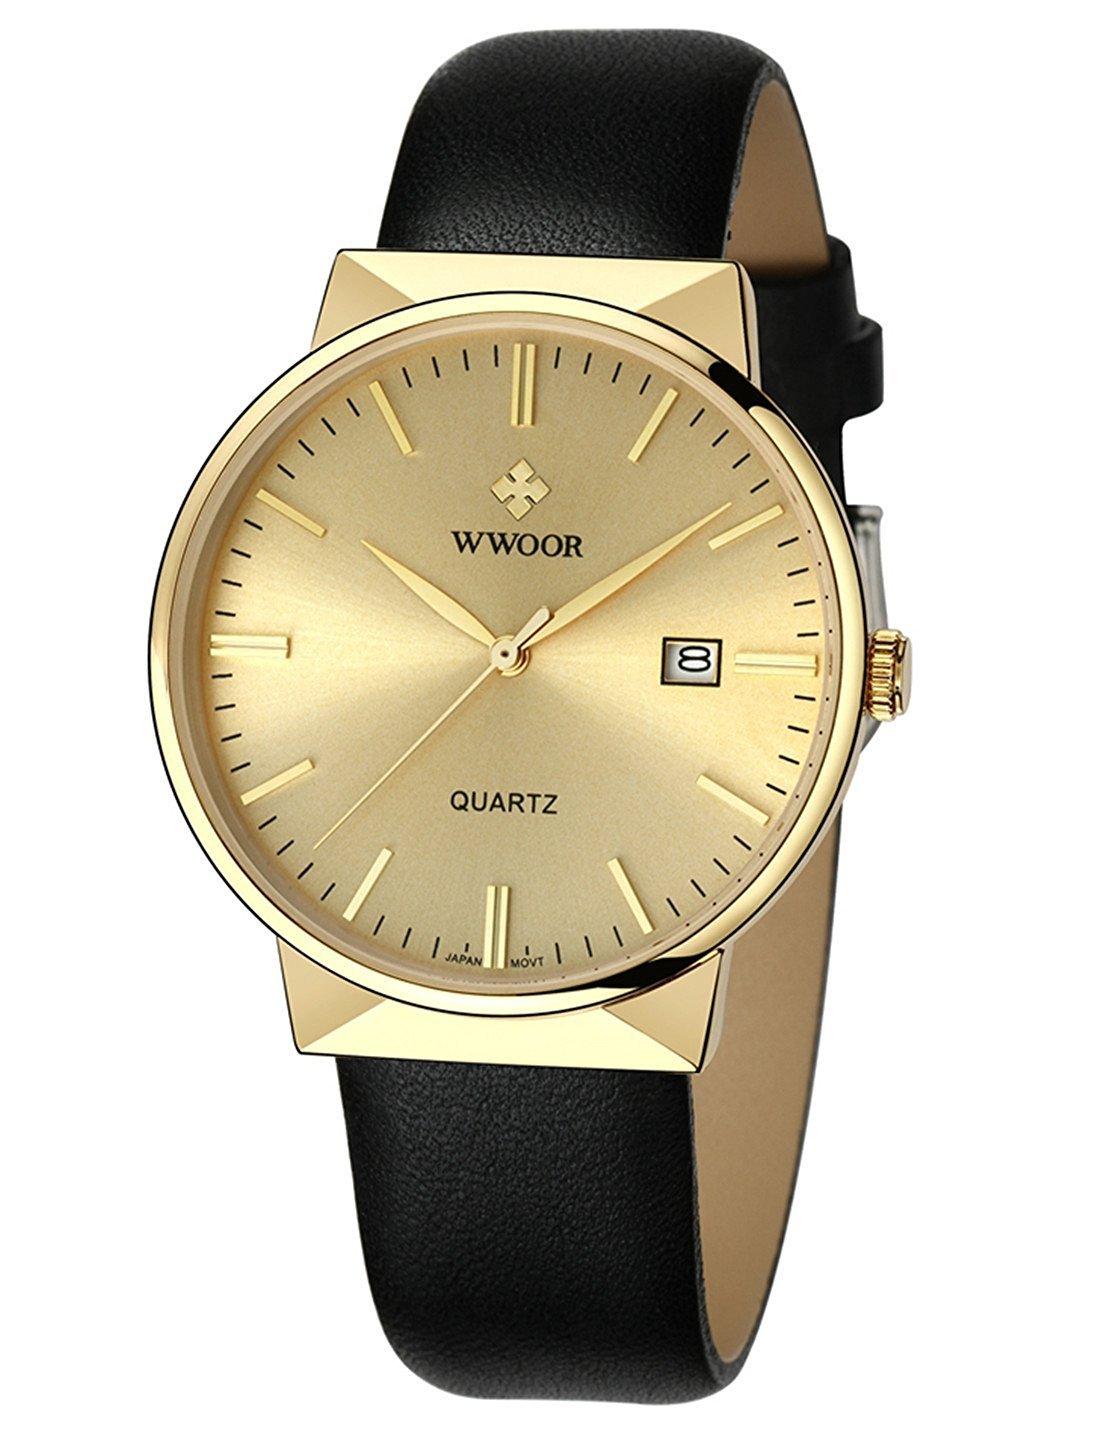 WWOOR超薄型クォーツアナログ30 M防水日付時計ブラックレザーストラップビジネスメンズウォッチ ゴールド B076NP2QXN ゴールド ゴールド